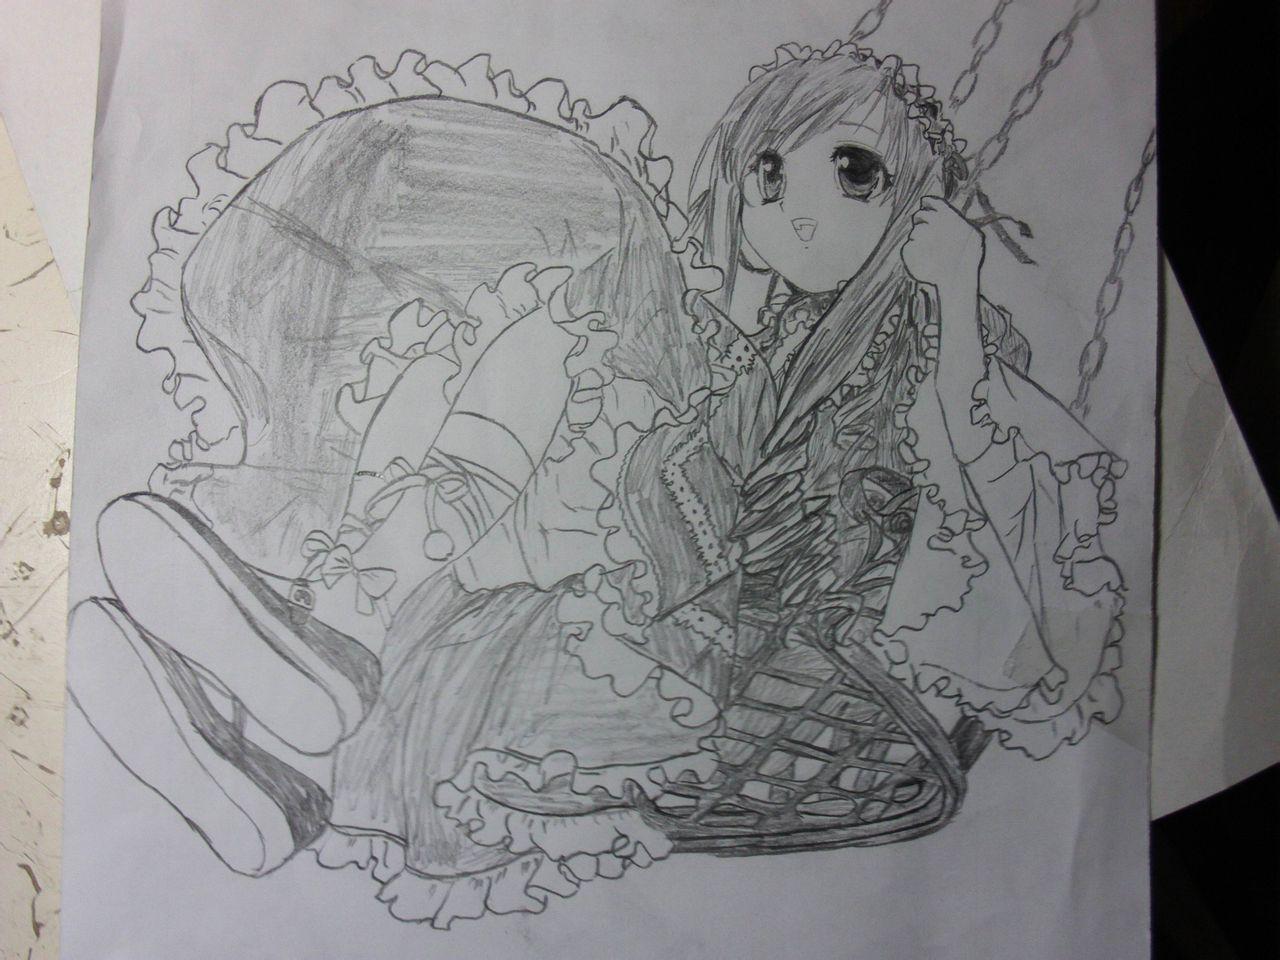 铅笔画的 公主裙 白雪公主铅笔画 儿童铅笔画公主图片